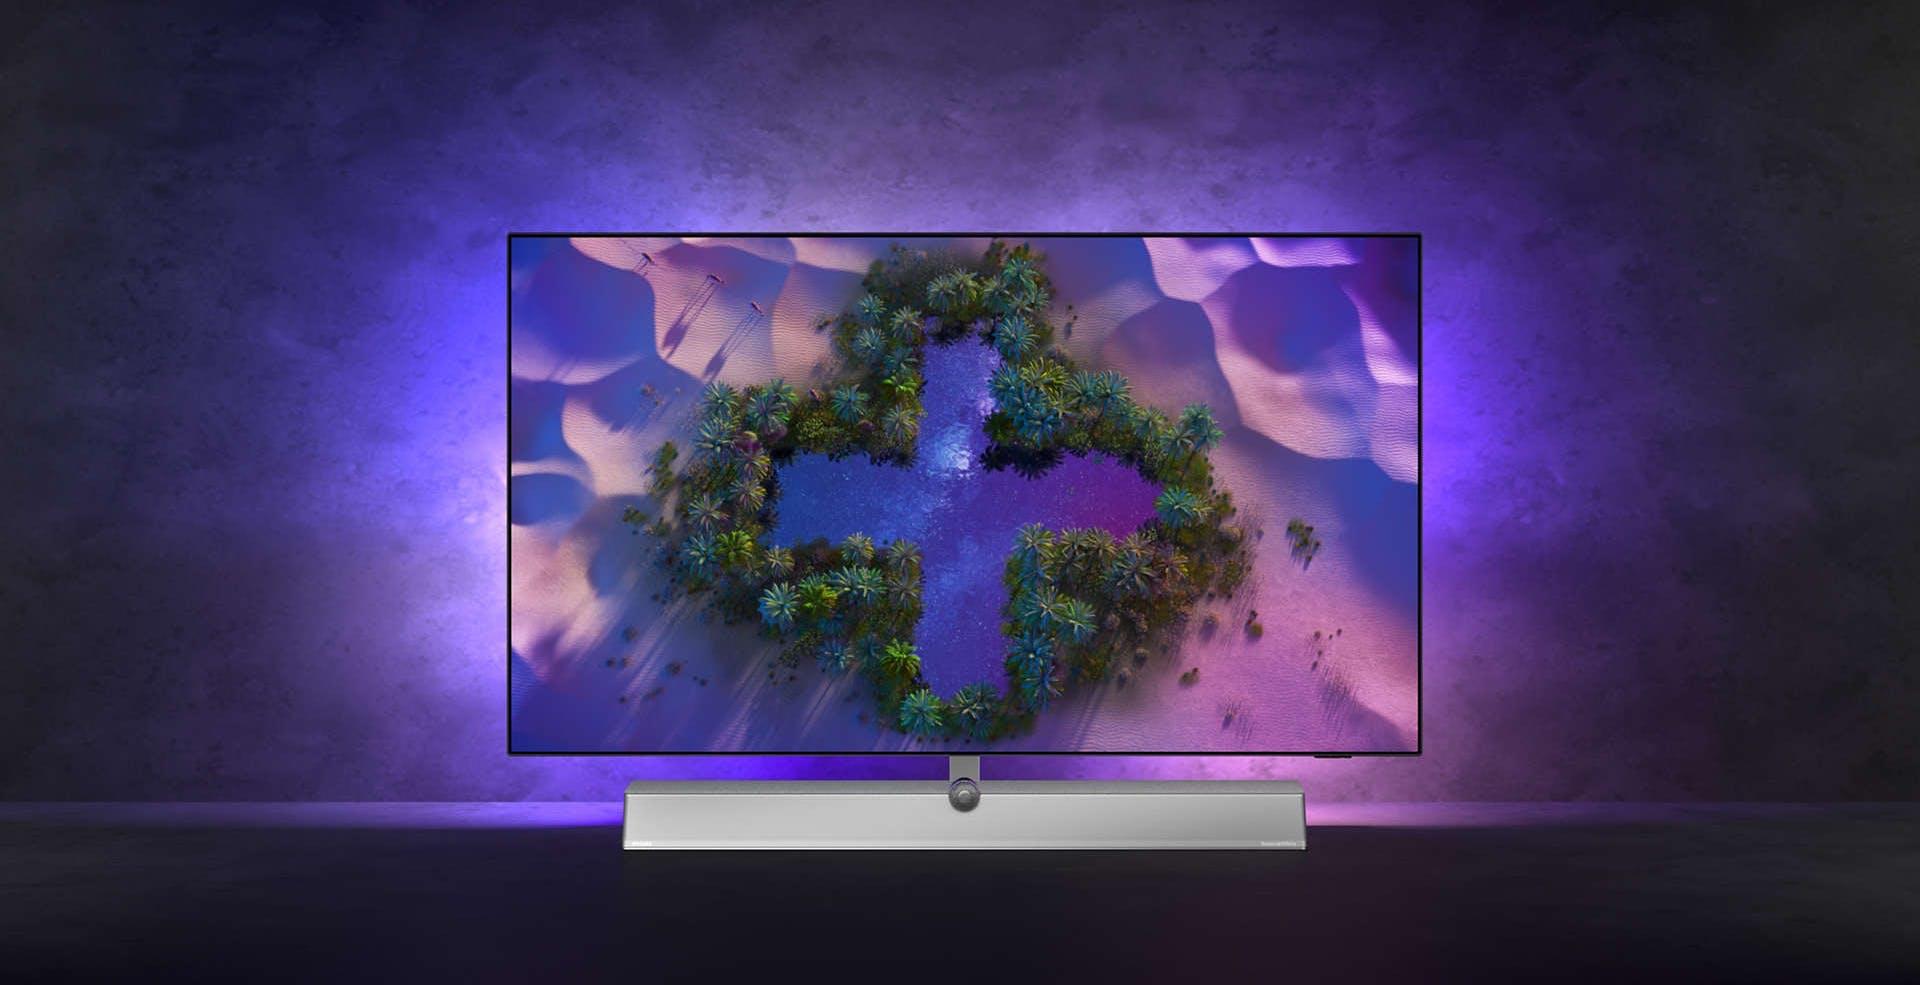 Il nuovo TV top di gamma di Philips è l'OLED936 con HDMI 2.1 e audio B&W